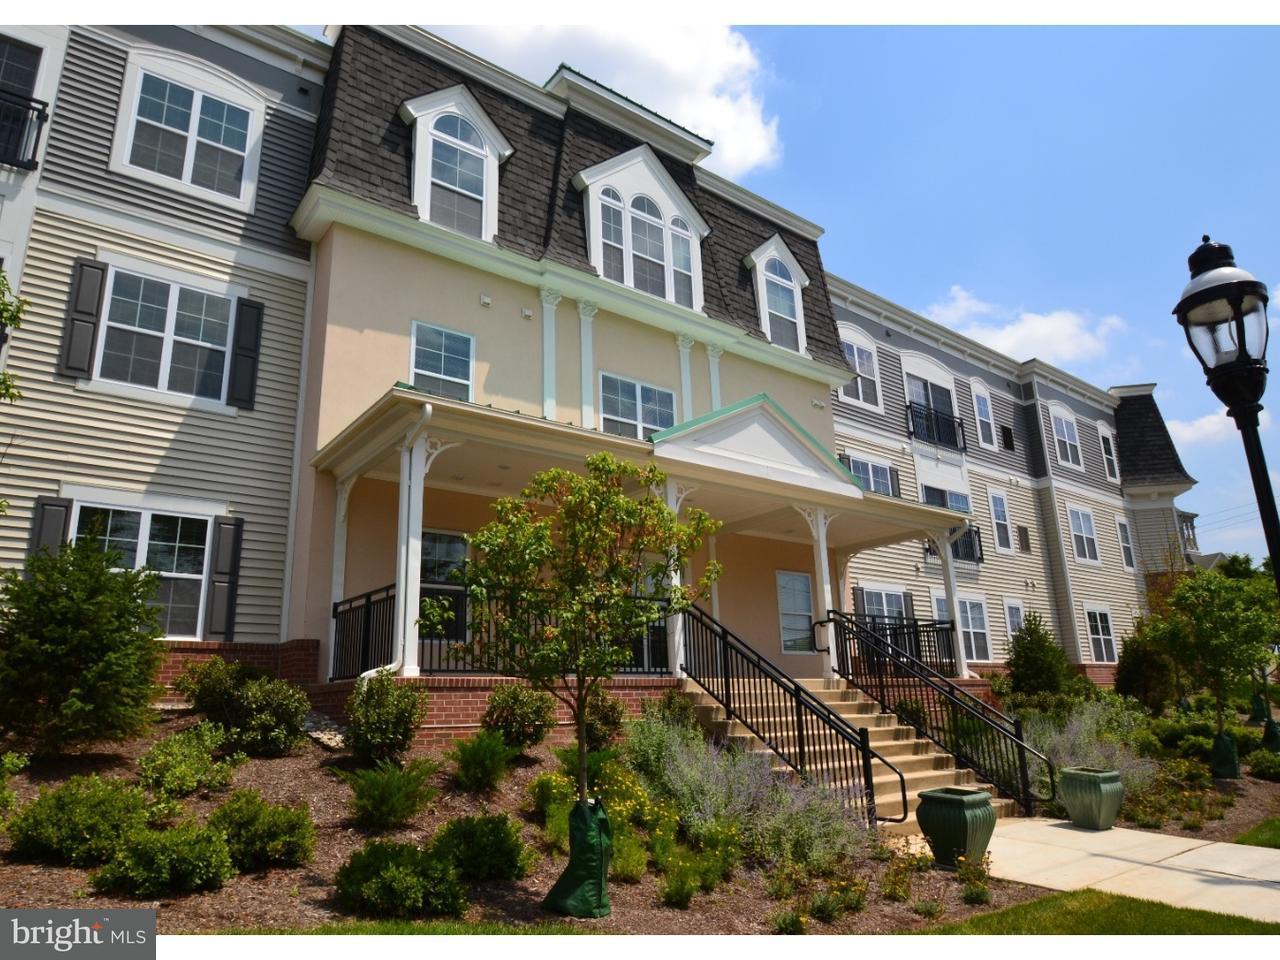 Maison unifamiliale pour l à louer à 131 N MAIN ST #8 Chalfont, Pennsylvanie 18914 États-Unis